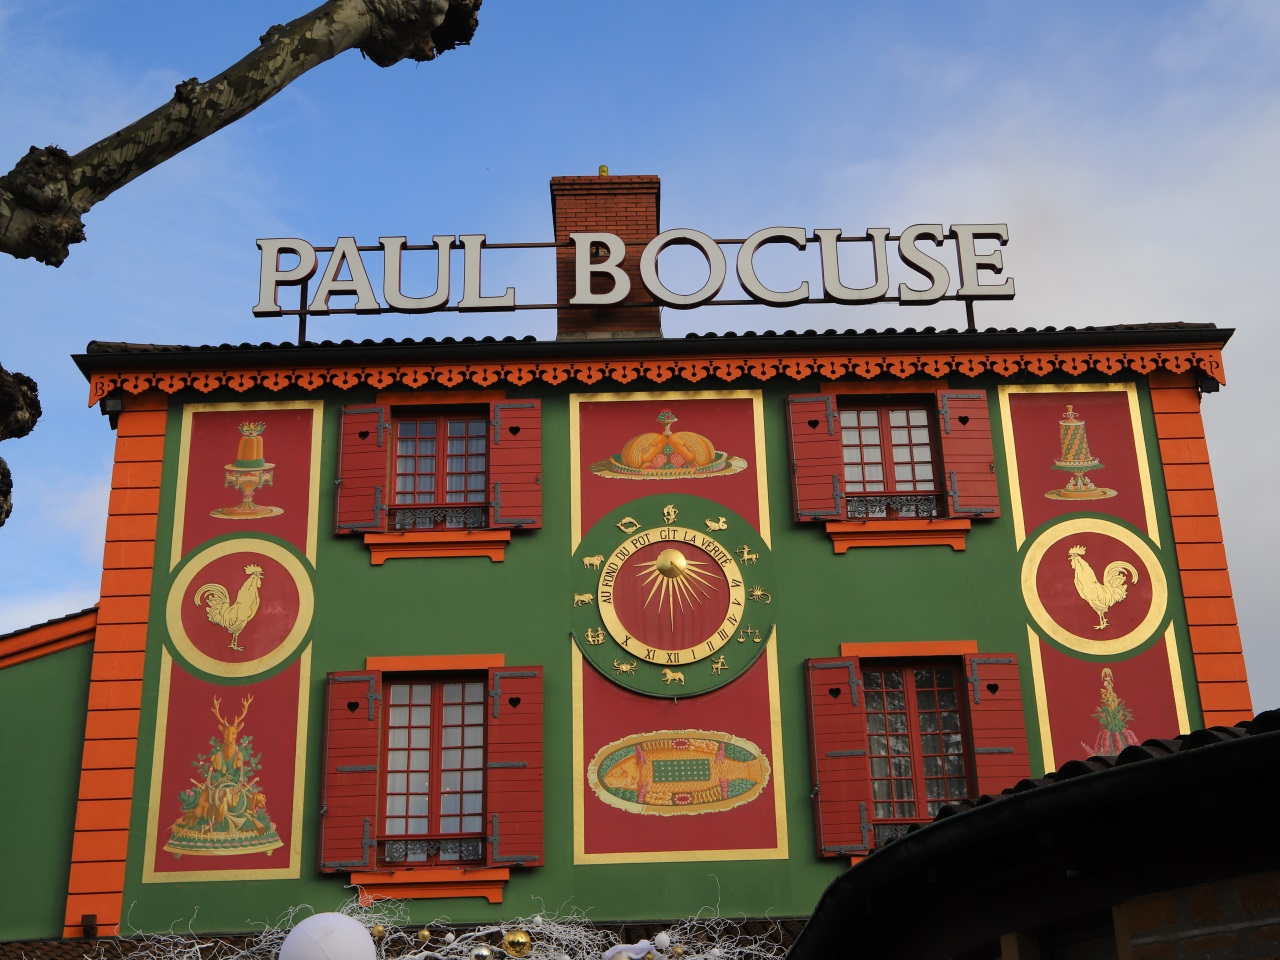 Le restaurant Paul Bocuse perd la troisième étoile qu'il détenait depuis 1965